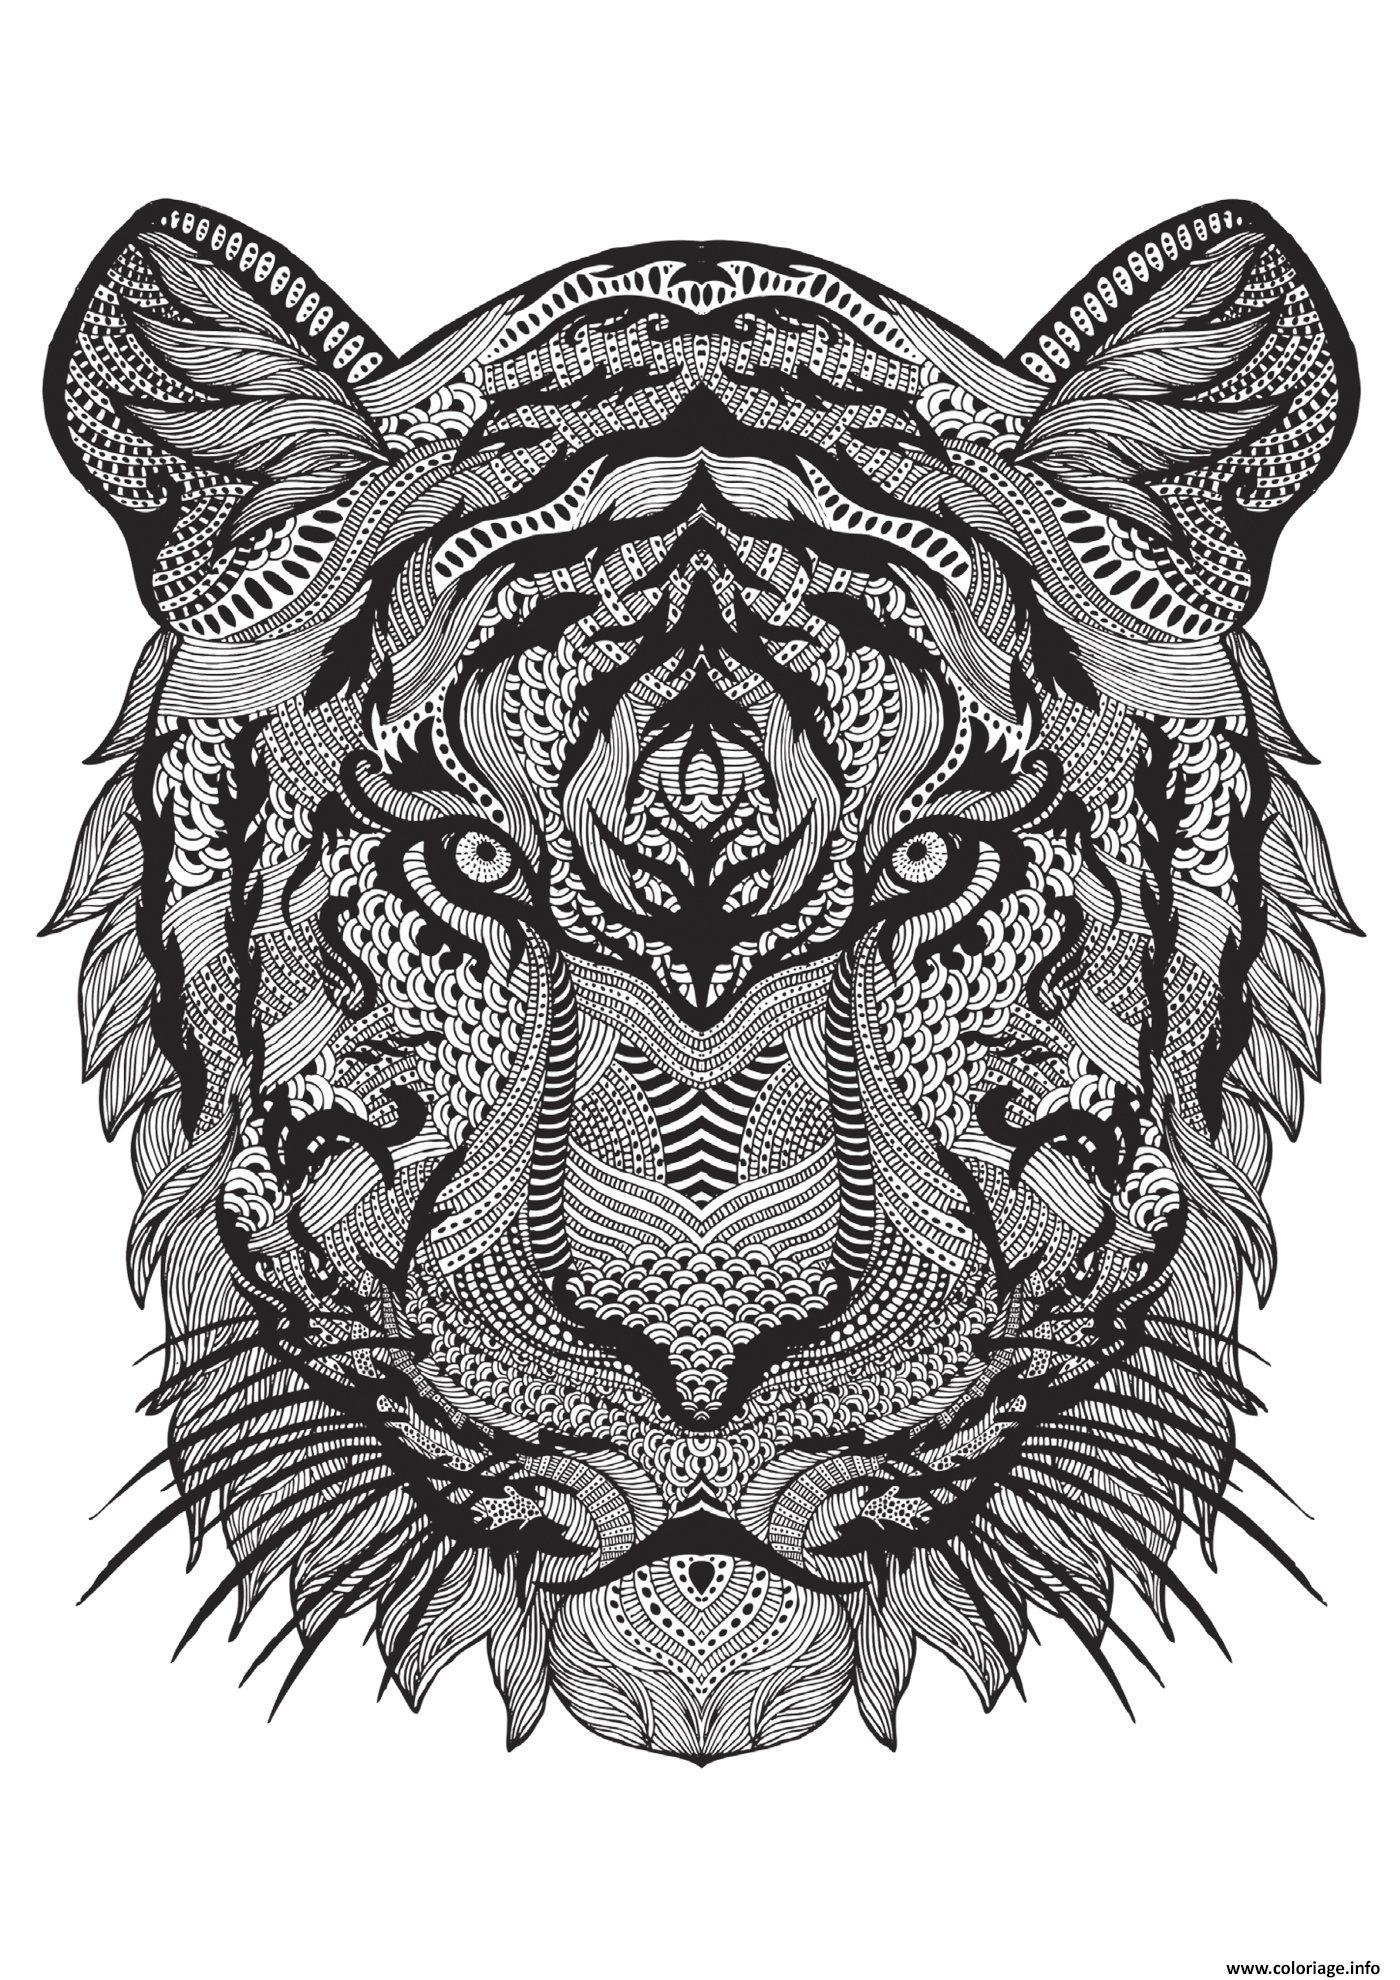 Coloriage Adulte Animal Tigre Difficile Antistress Dessin à Coloriage En Ligne Difficile